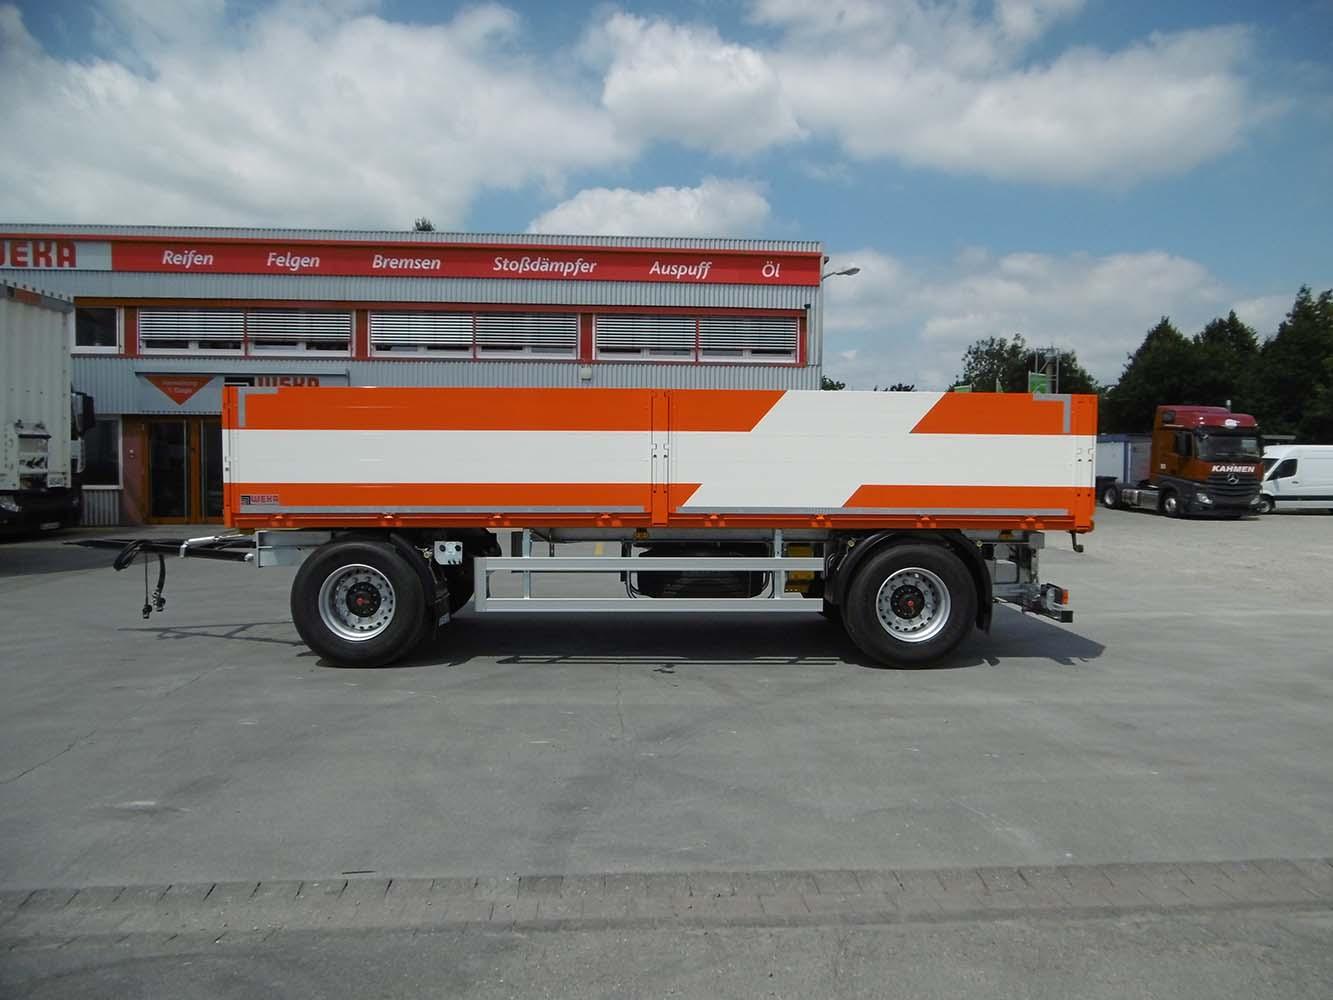 2 Achs Drehschemel Anhänger mit Staplerhalterung und offenem Bordwandaufbau (4)